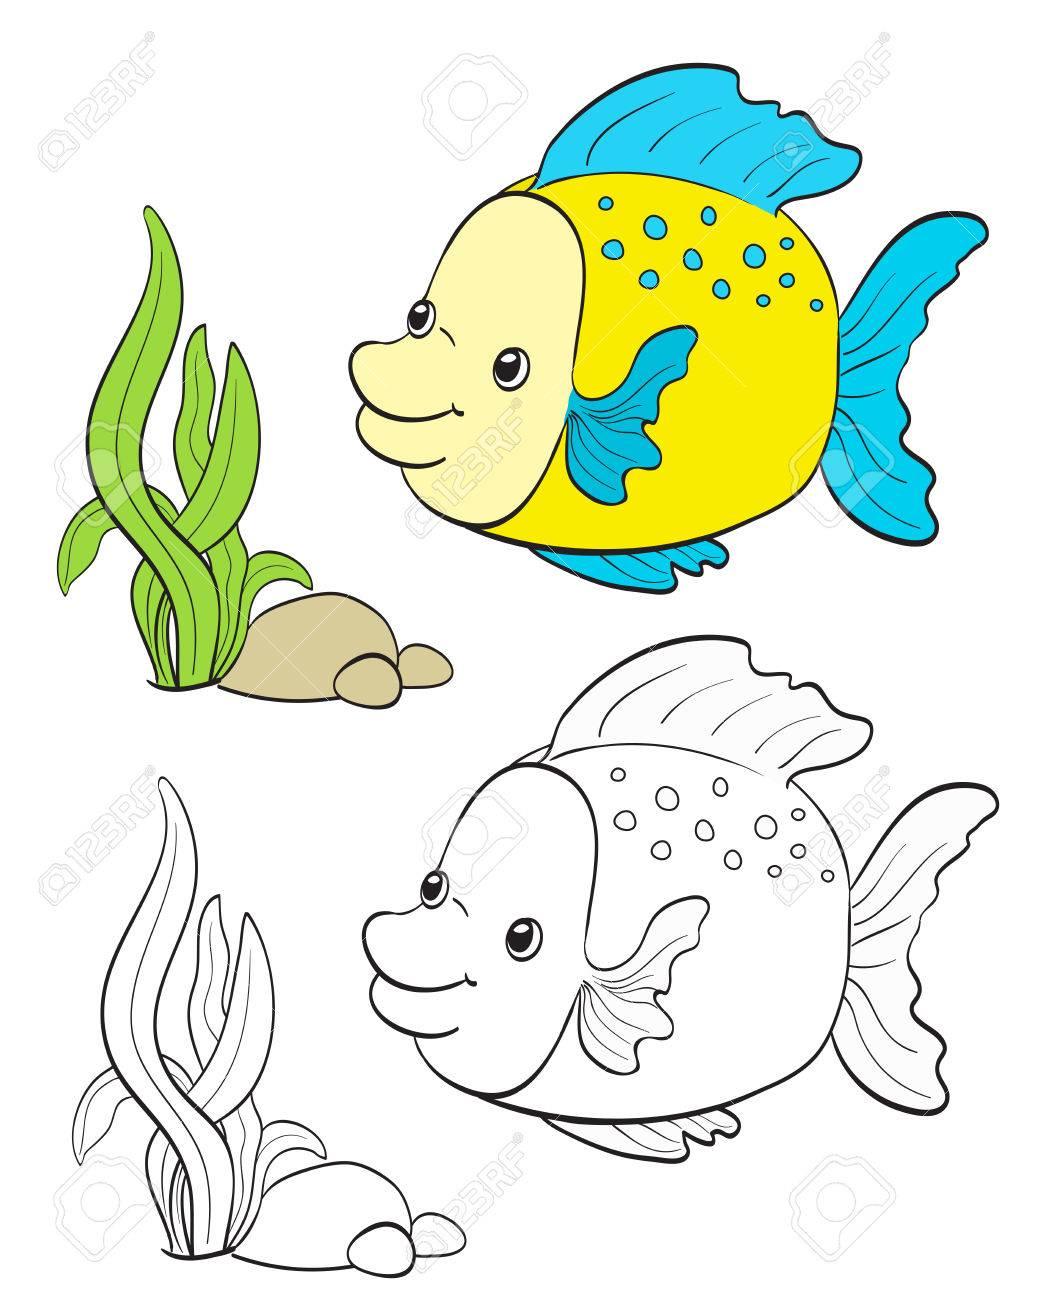 Dibujo De Peces De Dibujos Animados Con La Versión Para Colorear En Blanco